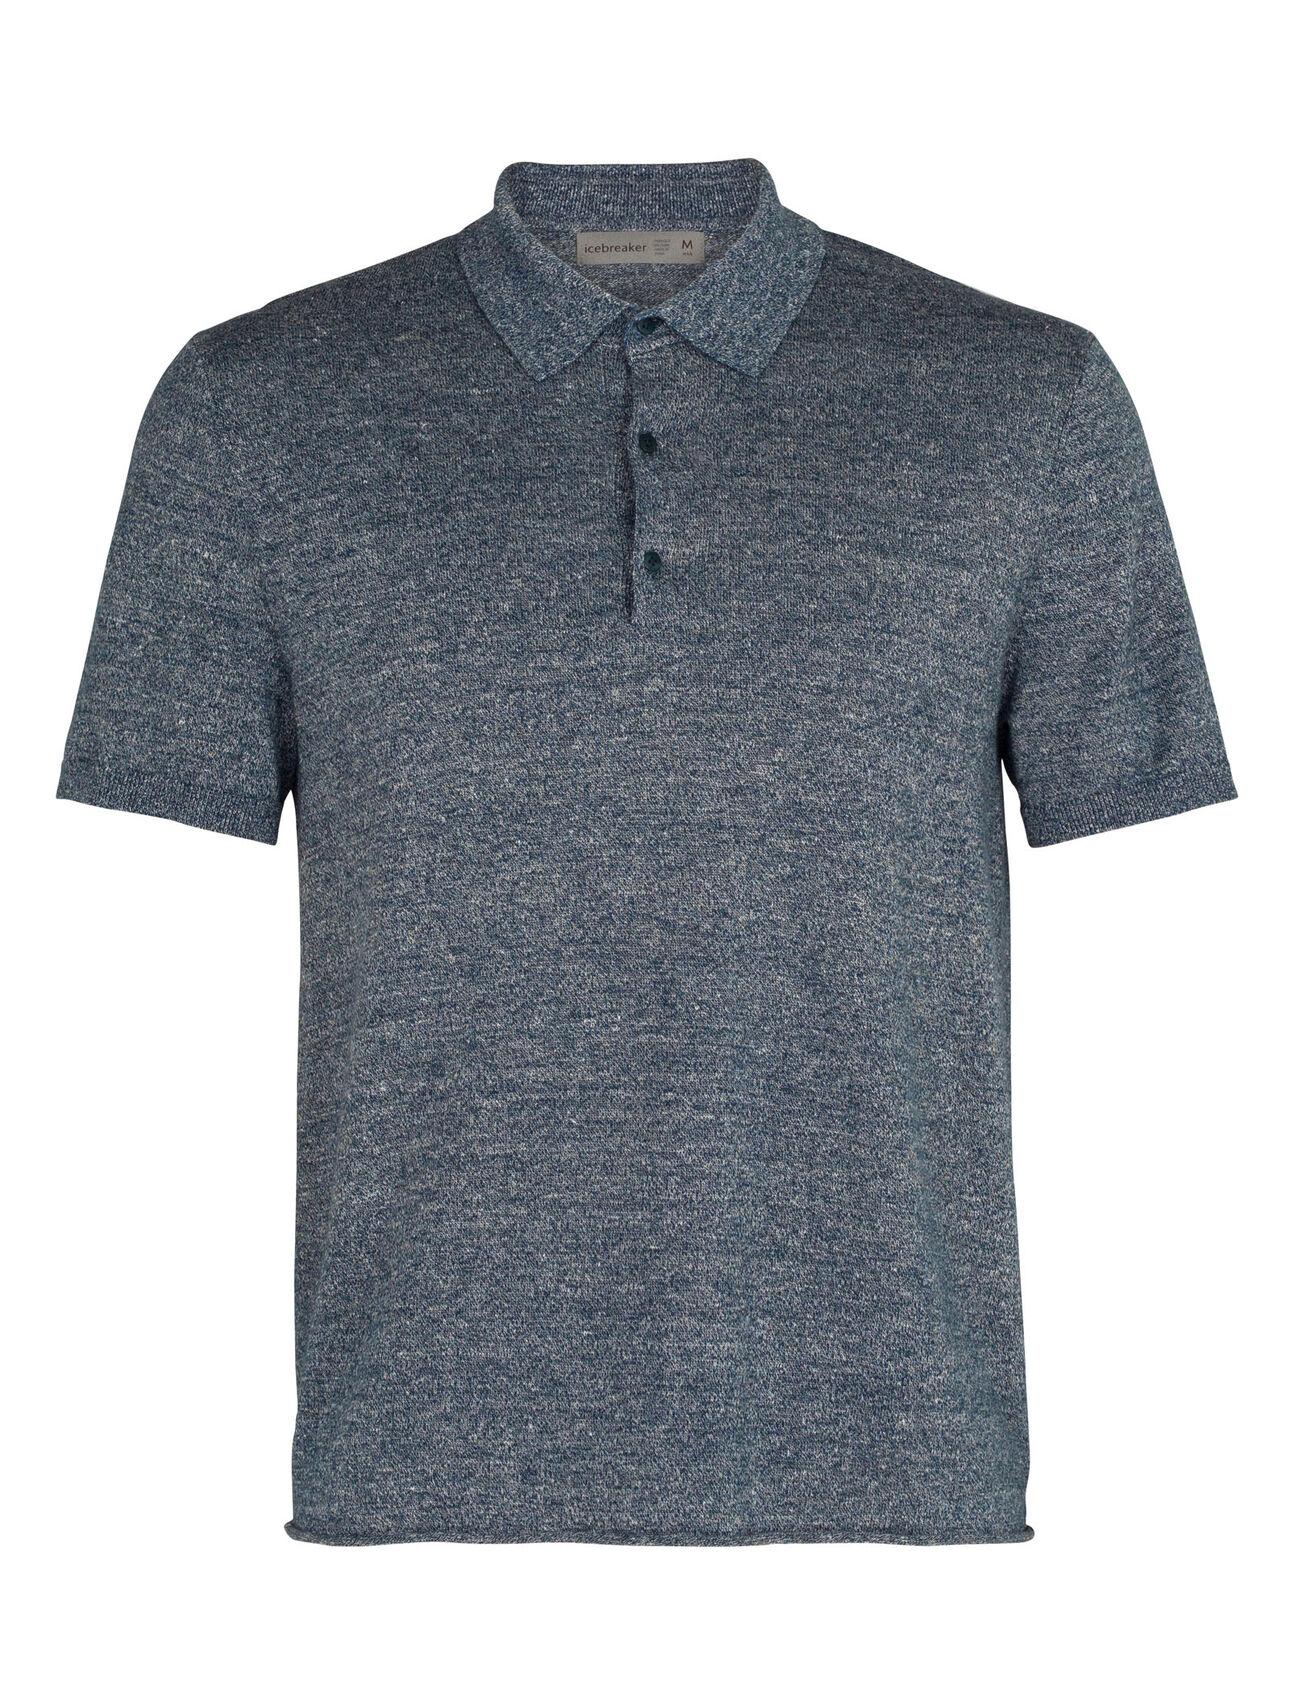 Merino Flaxen Short Sleeve Polo Shirt